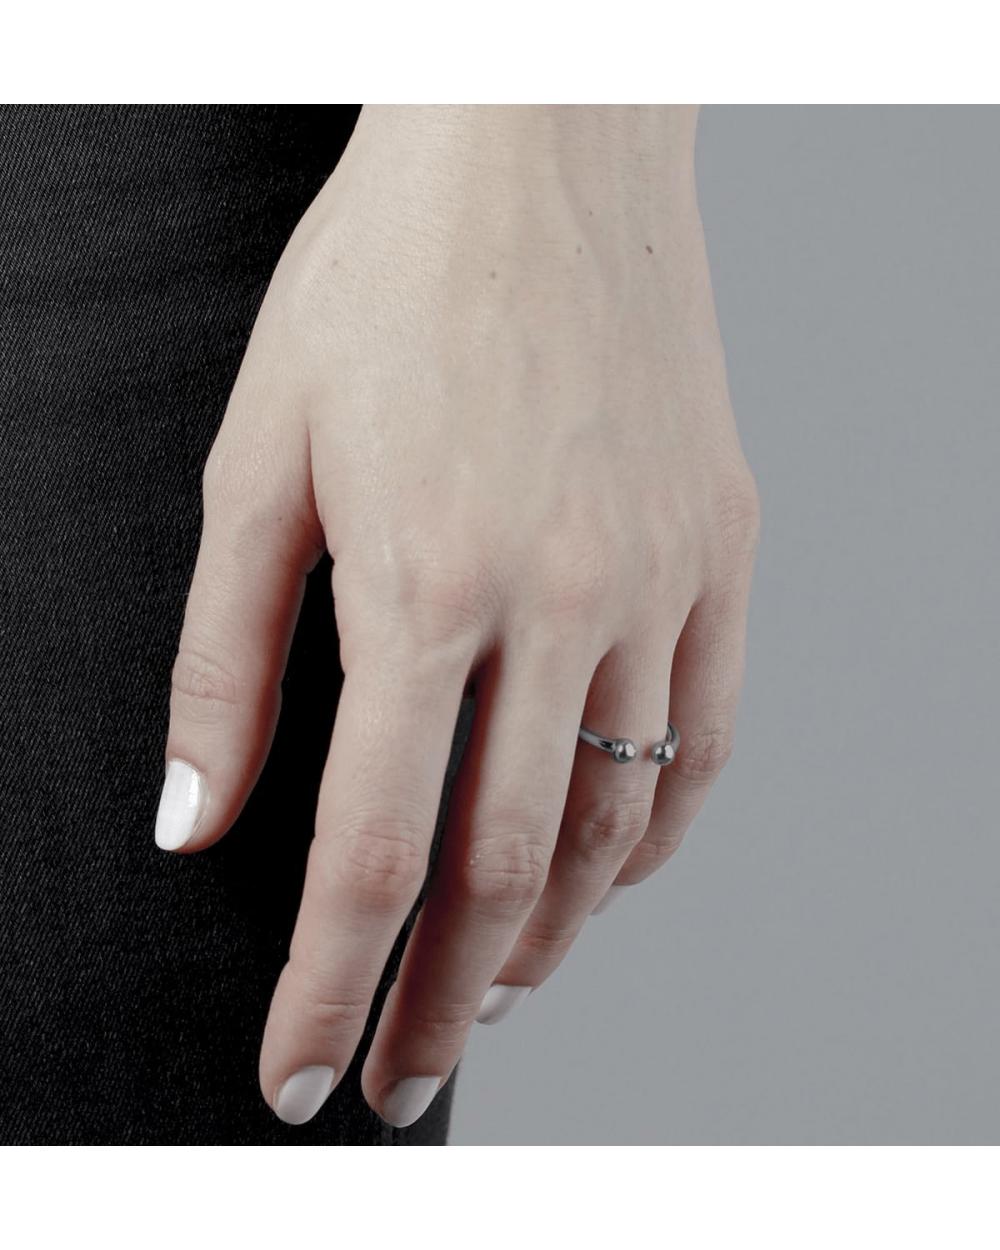 Rings RUTHENIUM SPHERES BIG PIERCING RING NOVE25